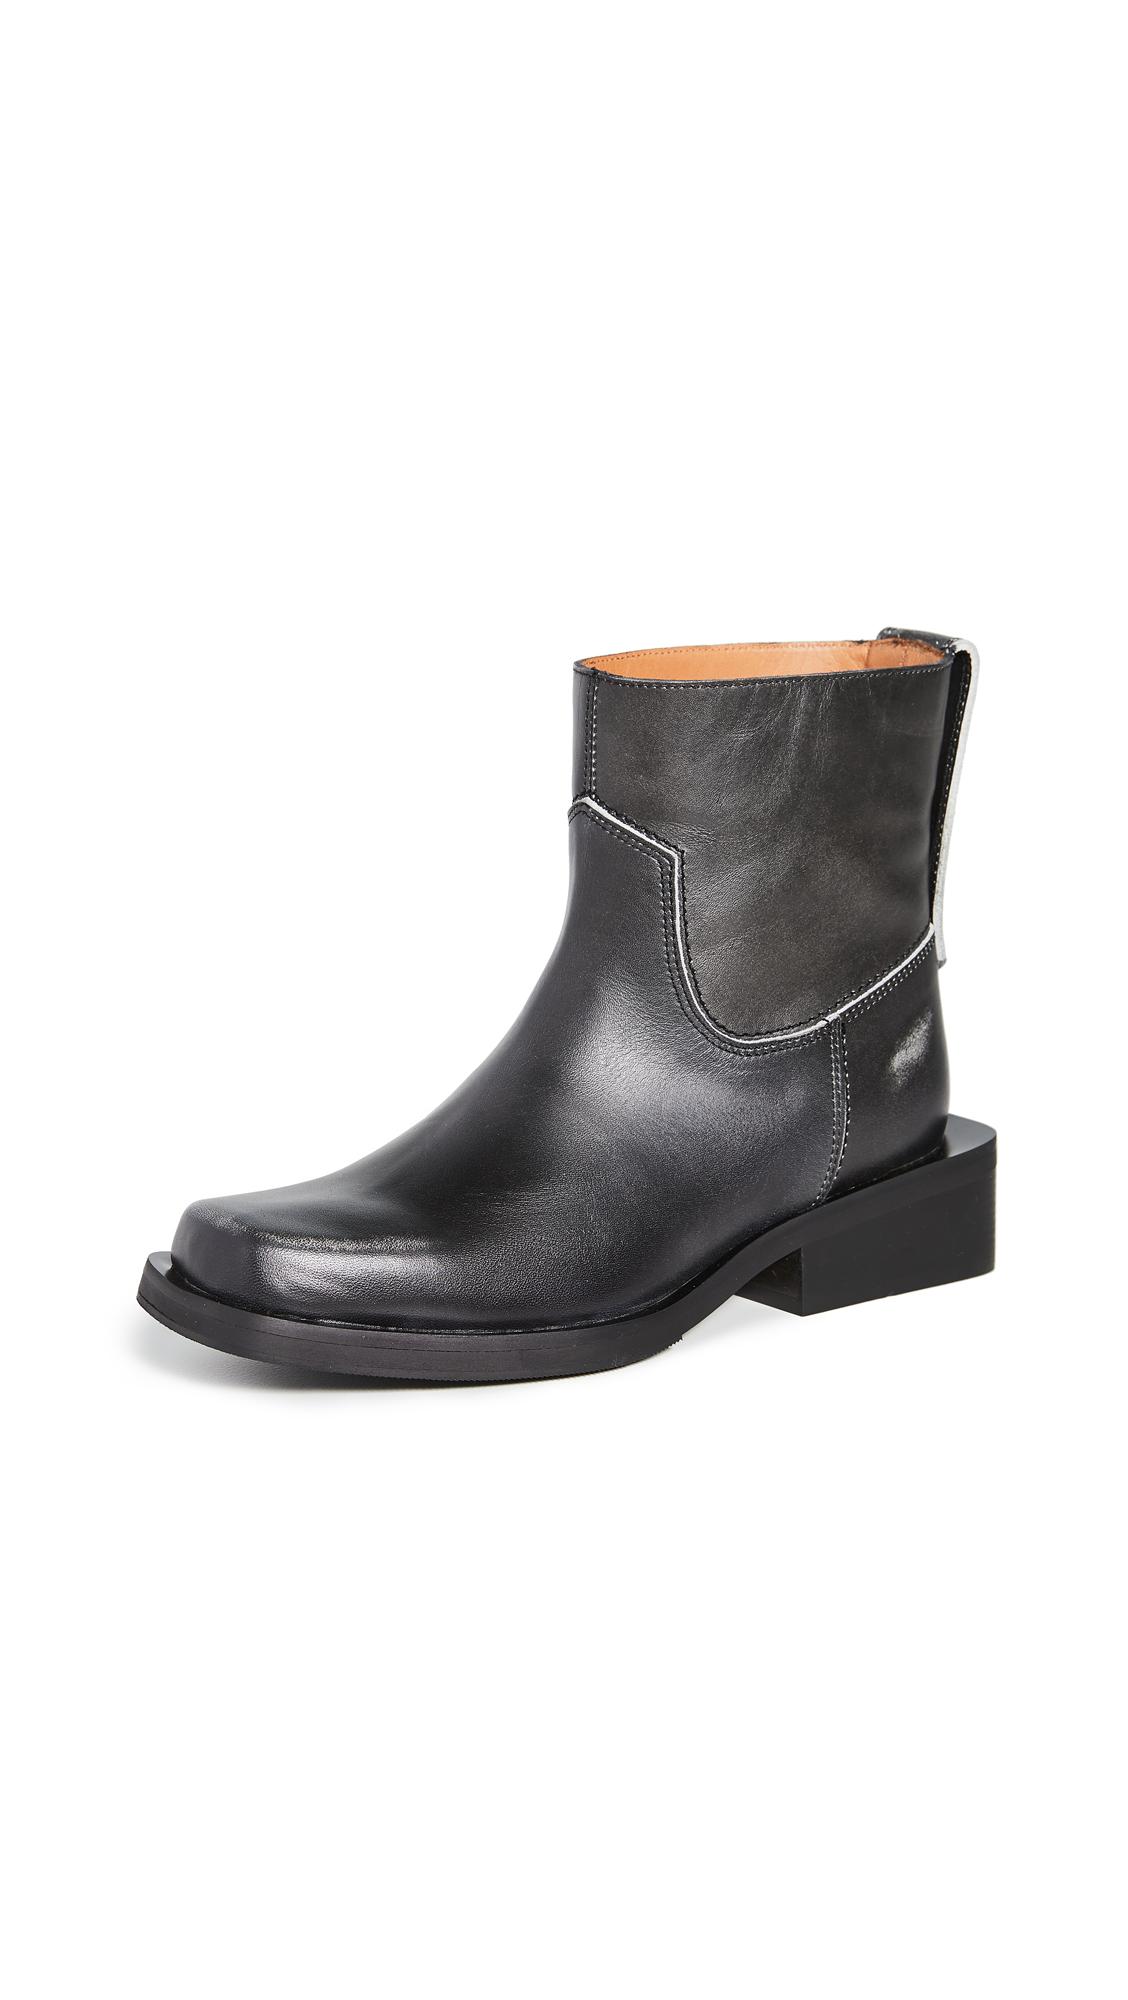 Buy GANNI Low MC Boots online, shop GANNI